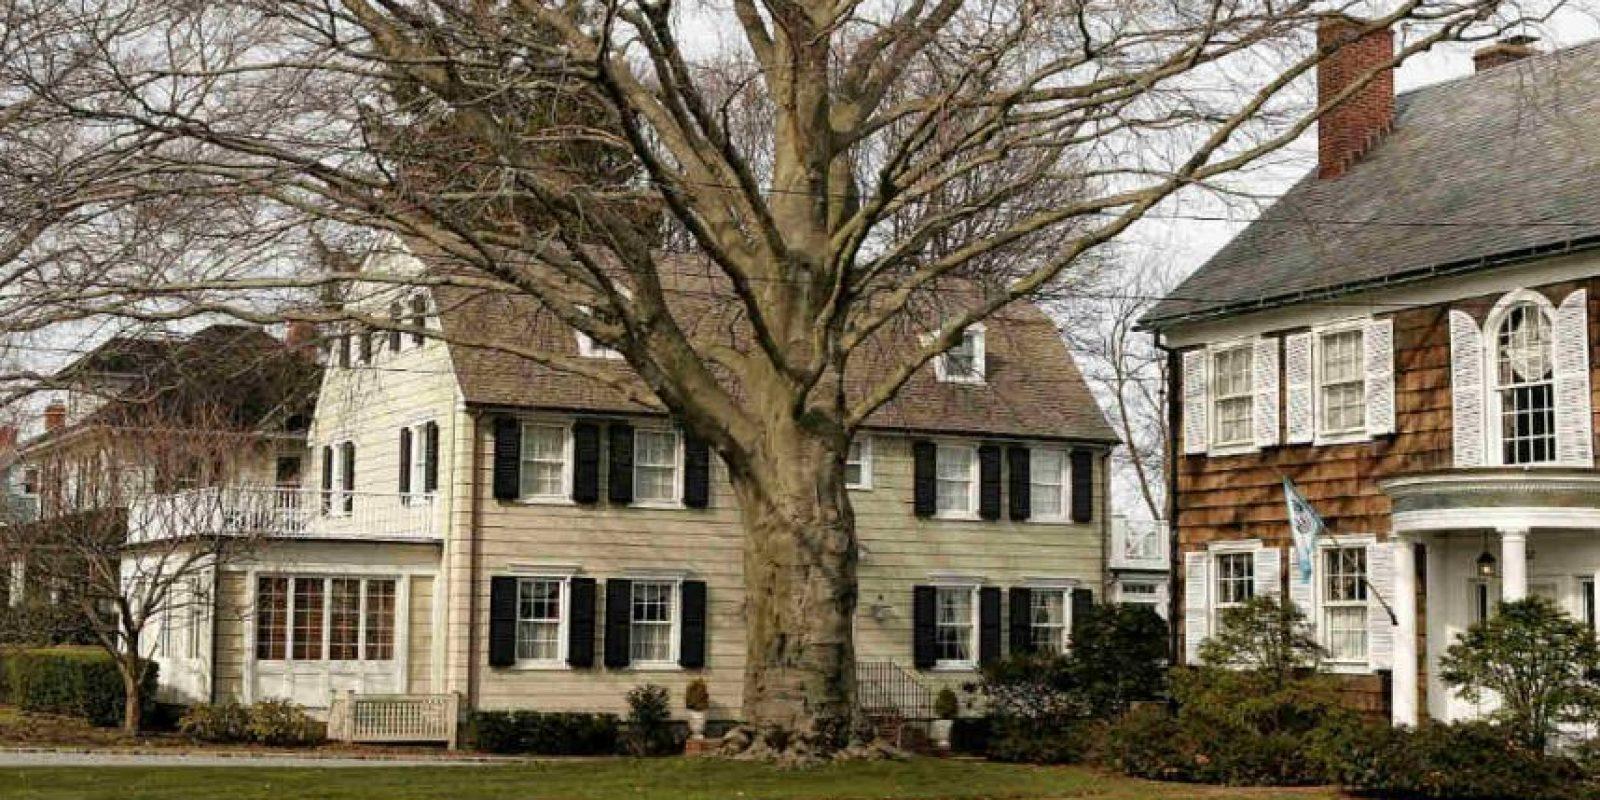 La casa de los horrores de Amityville. Foto:Getty Images. Imagen Por: